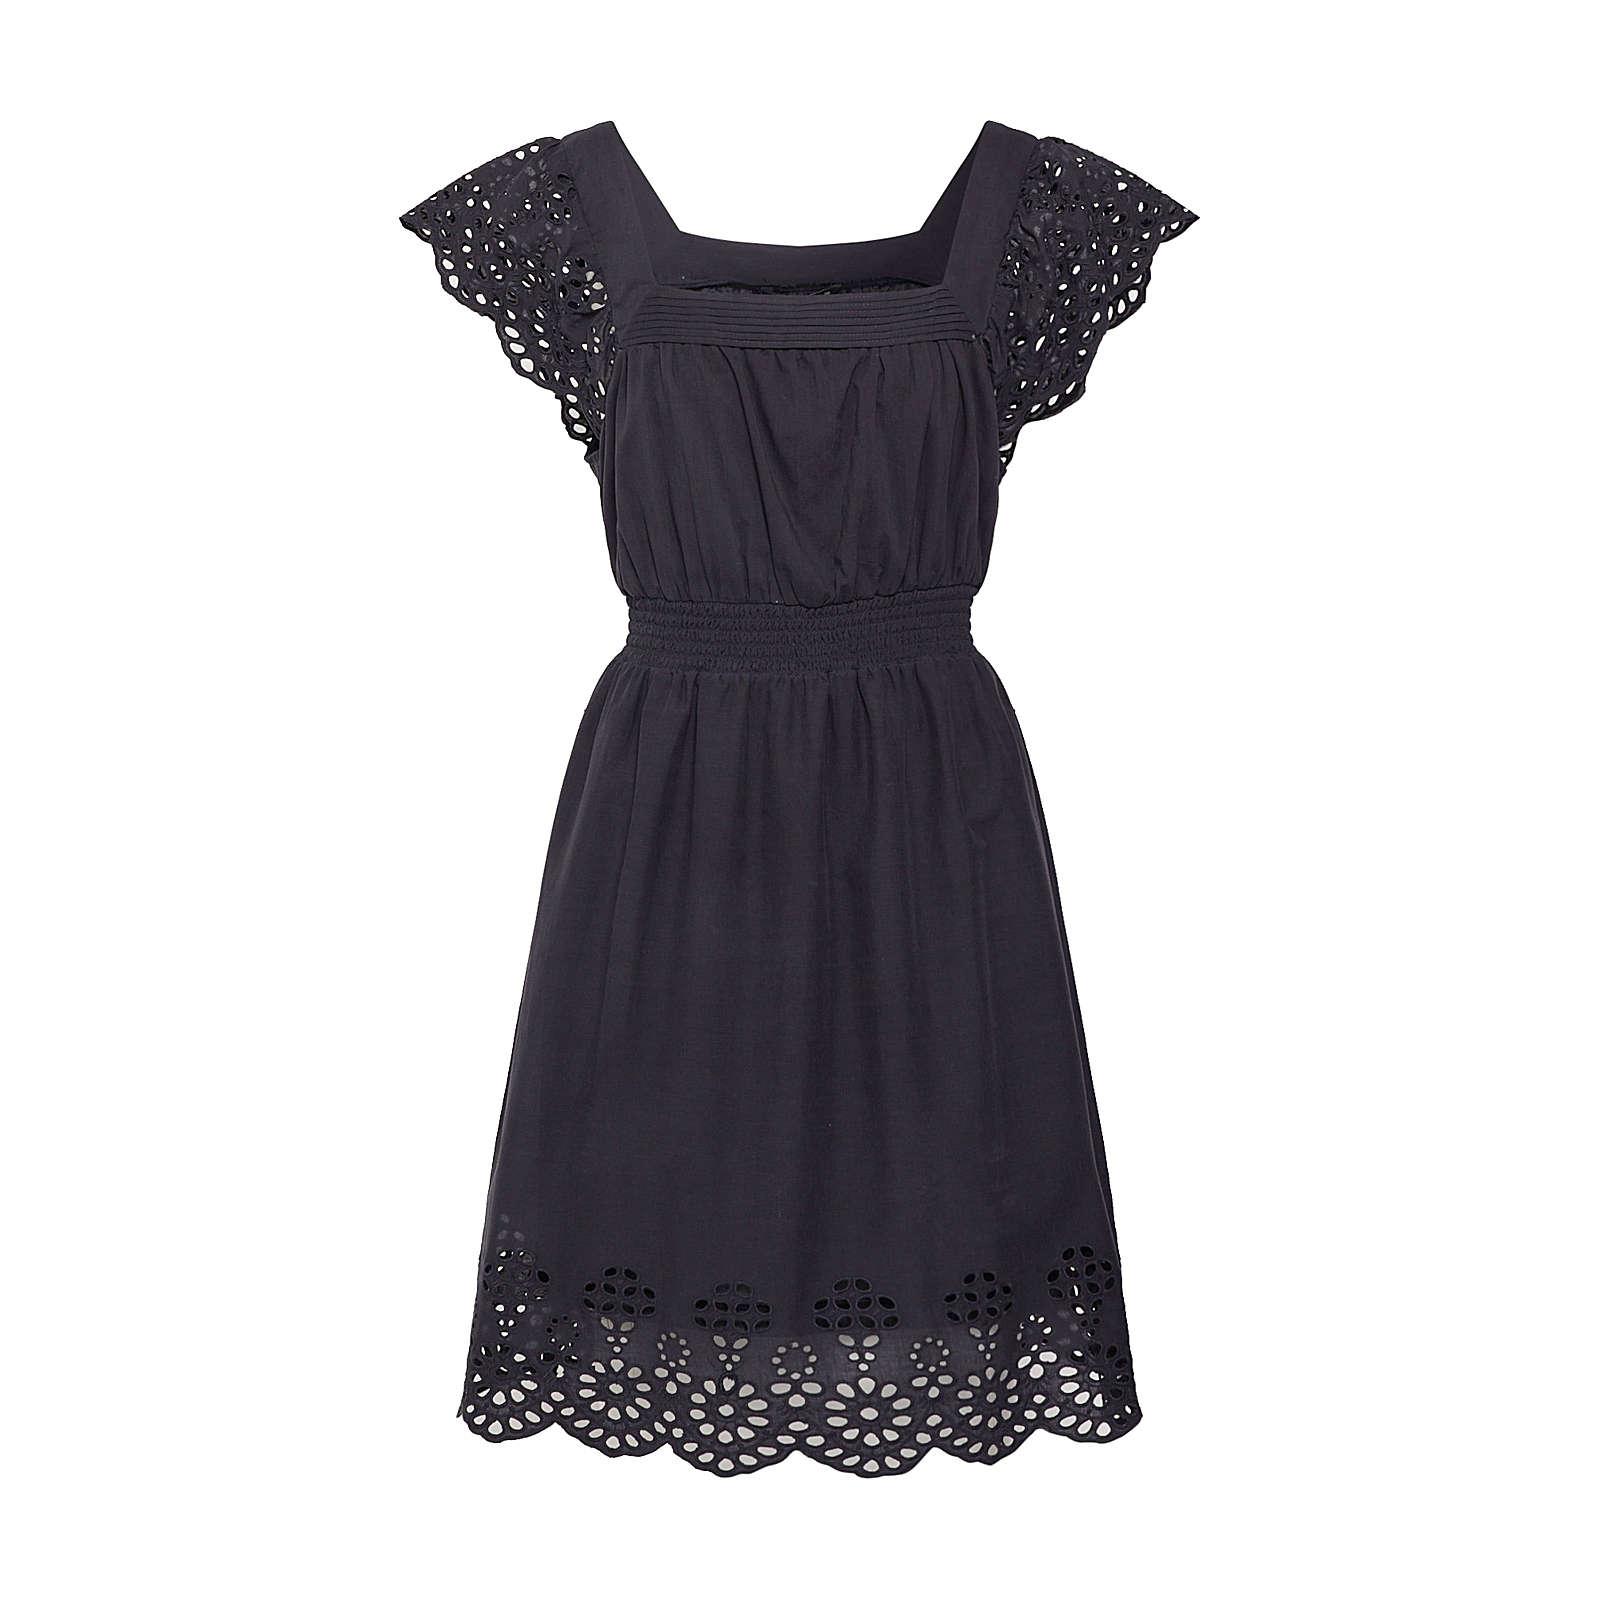 ONLY Sommerkleid Sommerkleider schwarz Damen Gr. 40